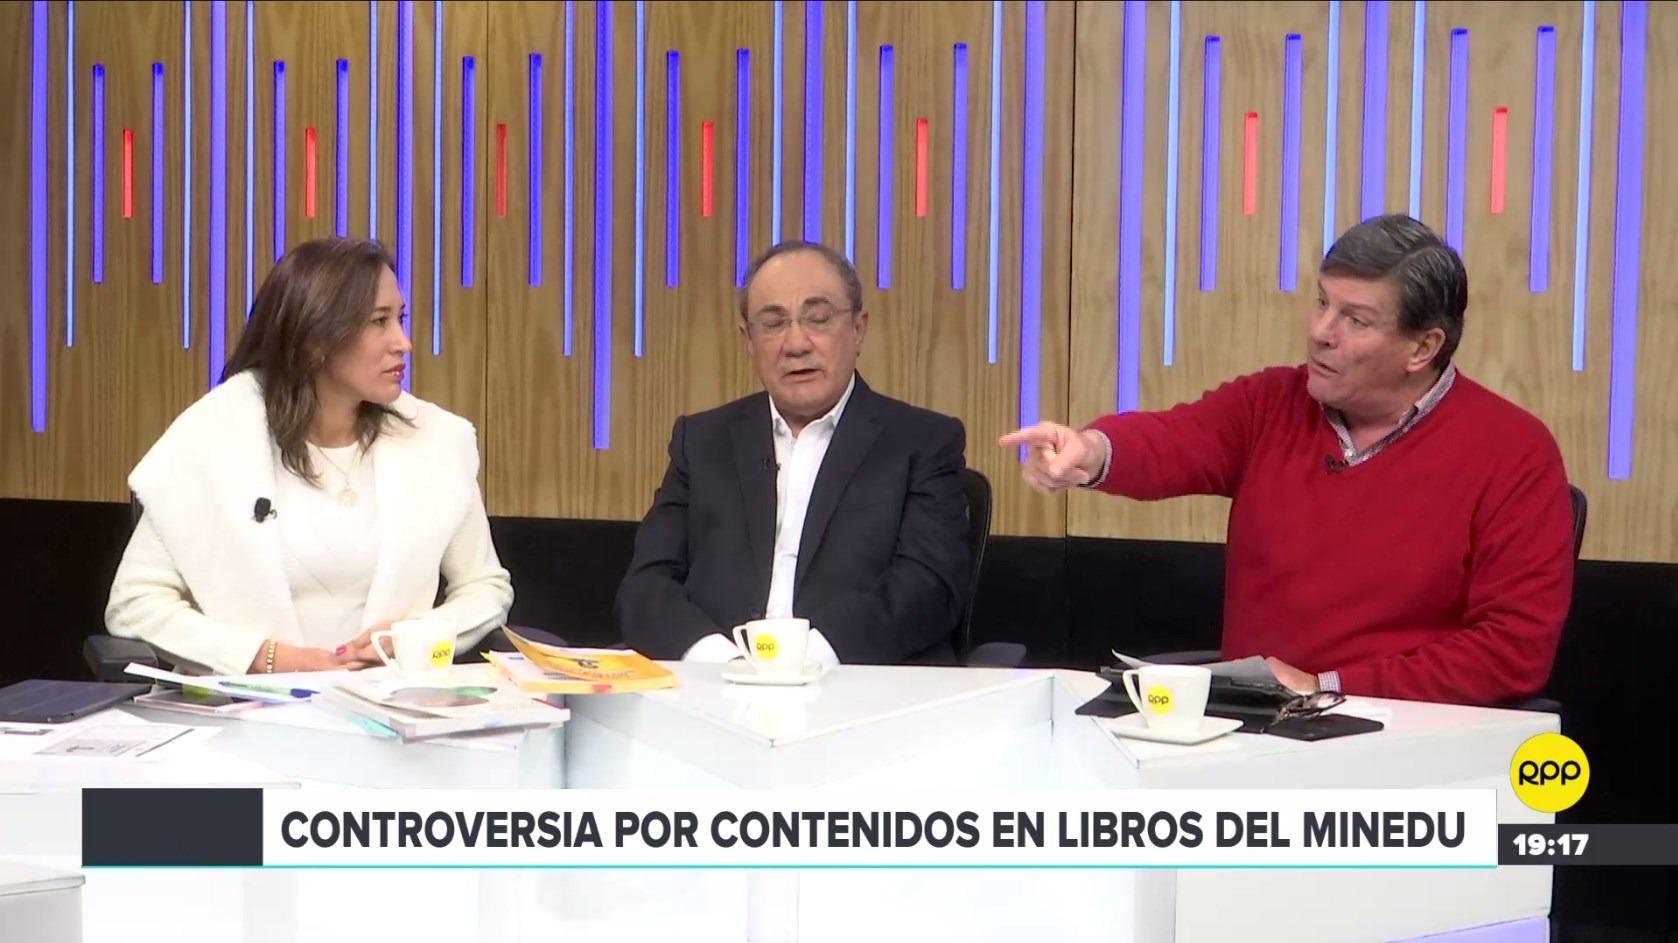 Idel Vexler, Paloma Noceda y Rafael Rey comentaron los textos del Minedu en ¿Quién Tiene la Razón?